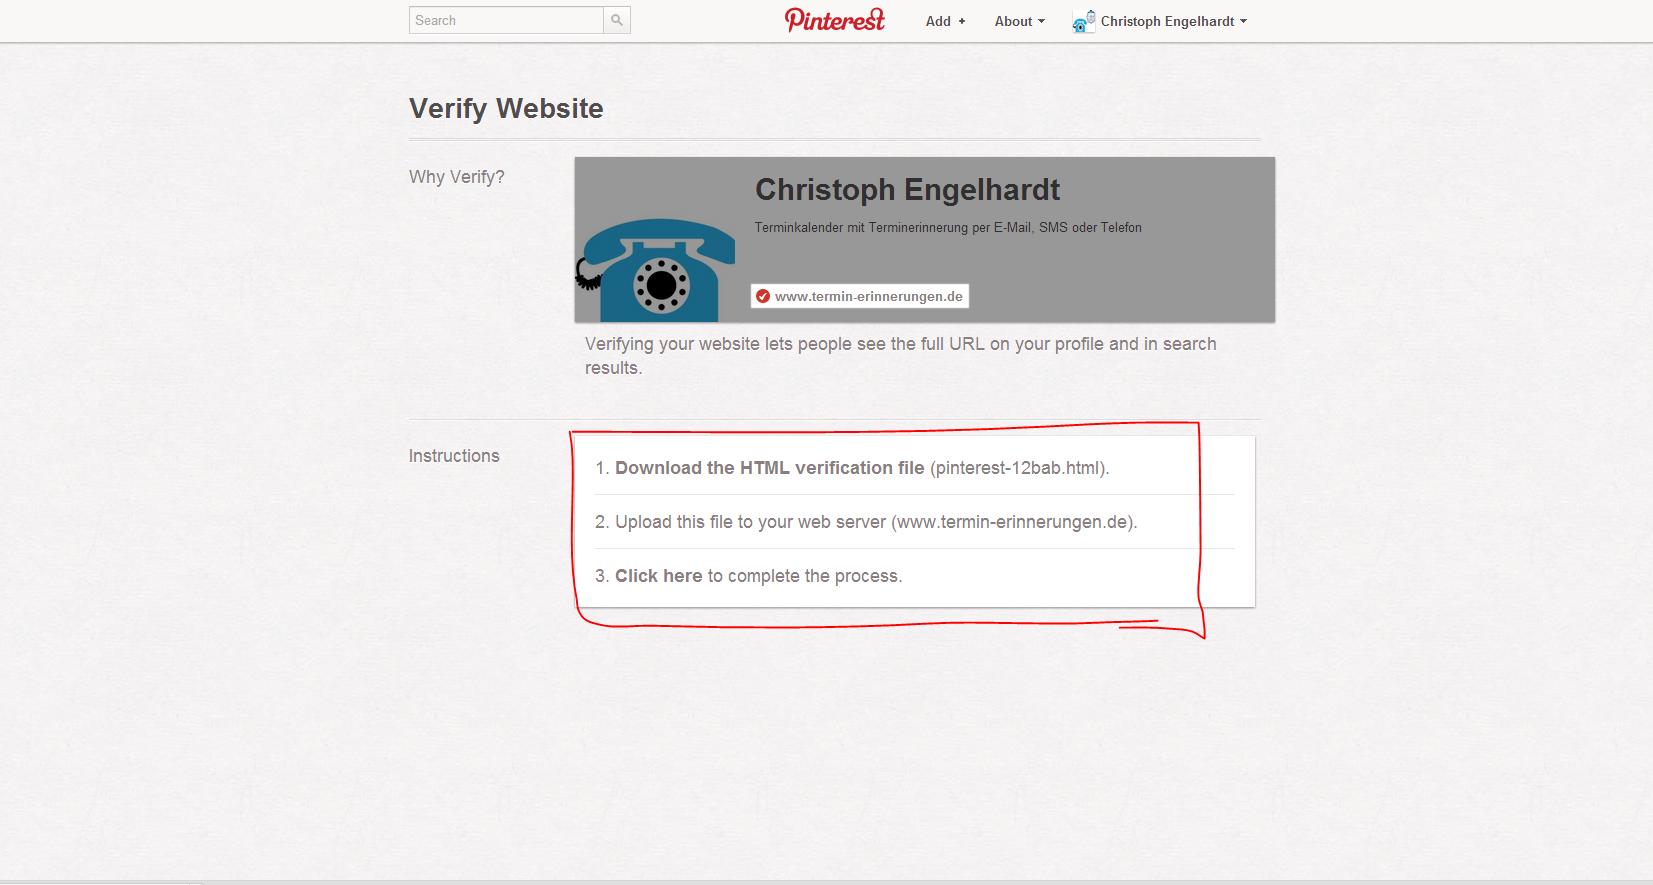 Pinterest Firmenseite URL verifizieren